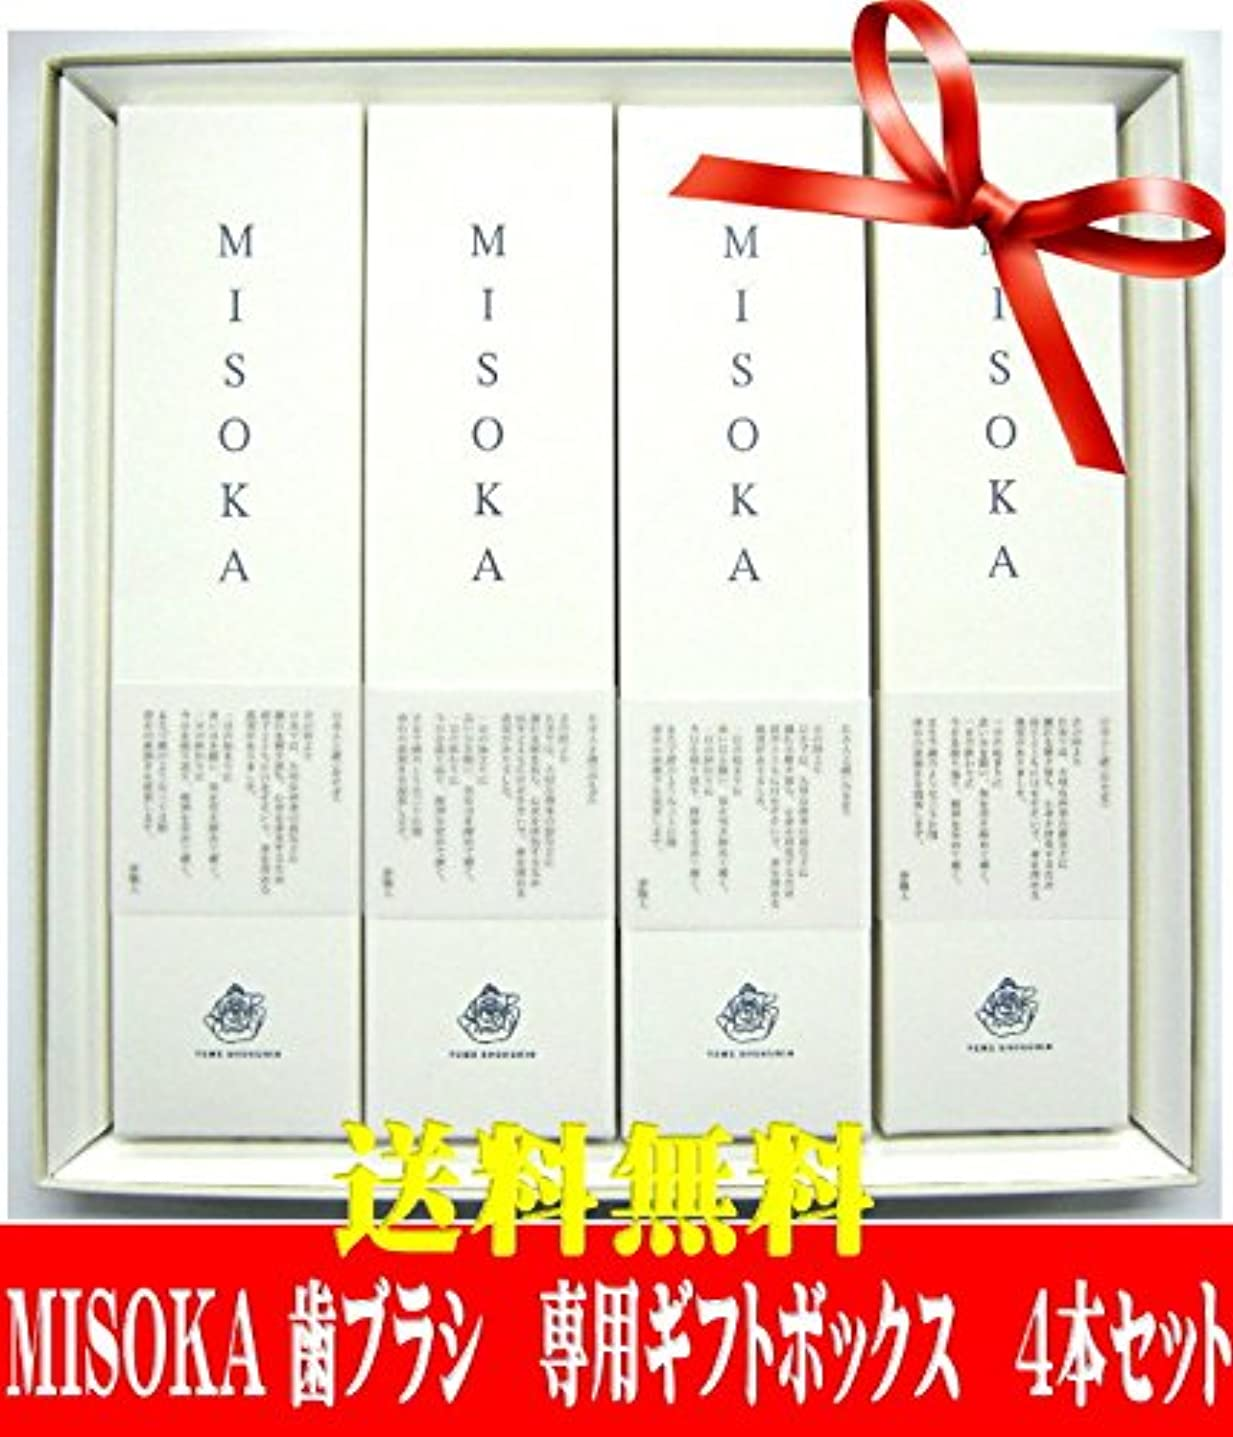 鳴り響くプロット漏れ夢職人MISOKA(みそか)歯ブラシ4本ギフトセット